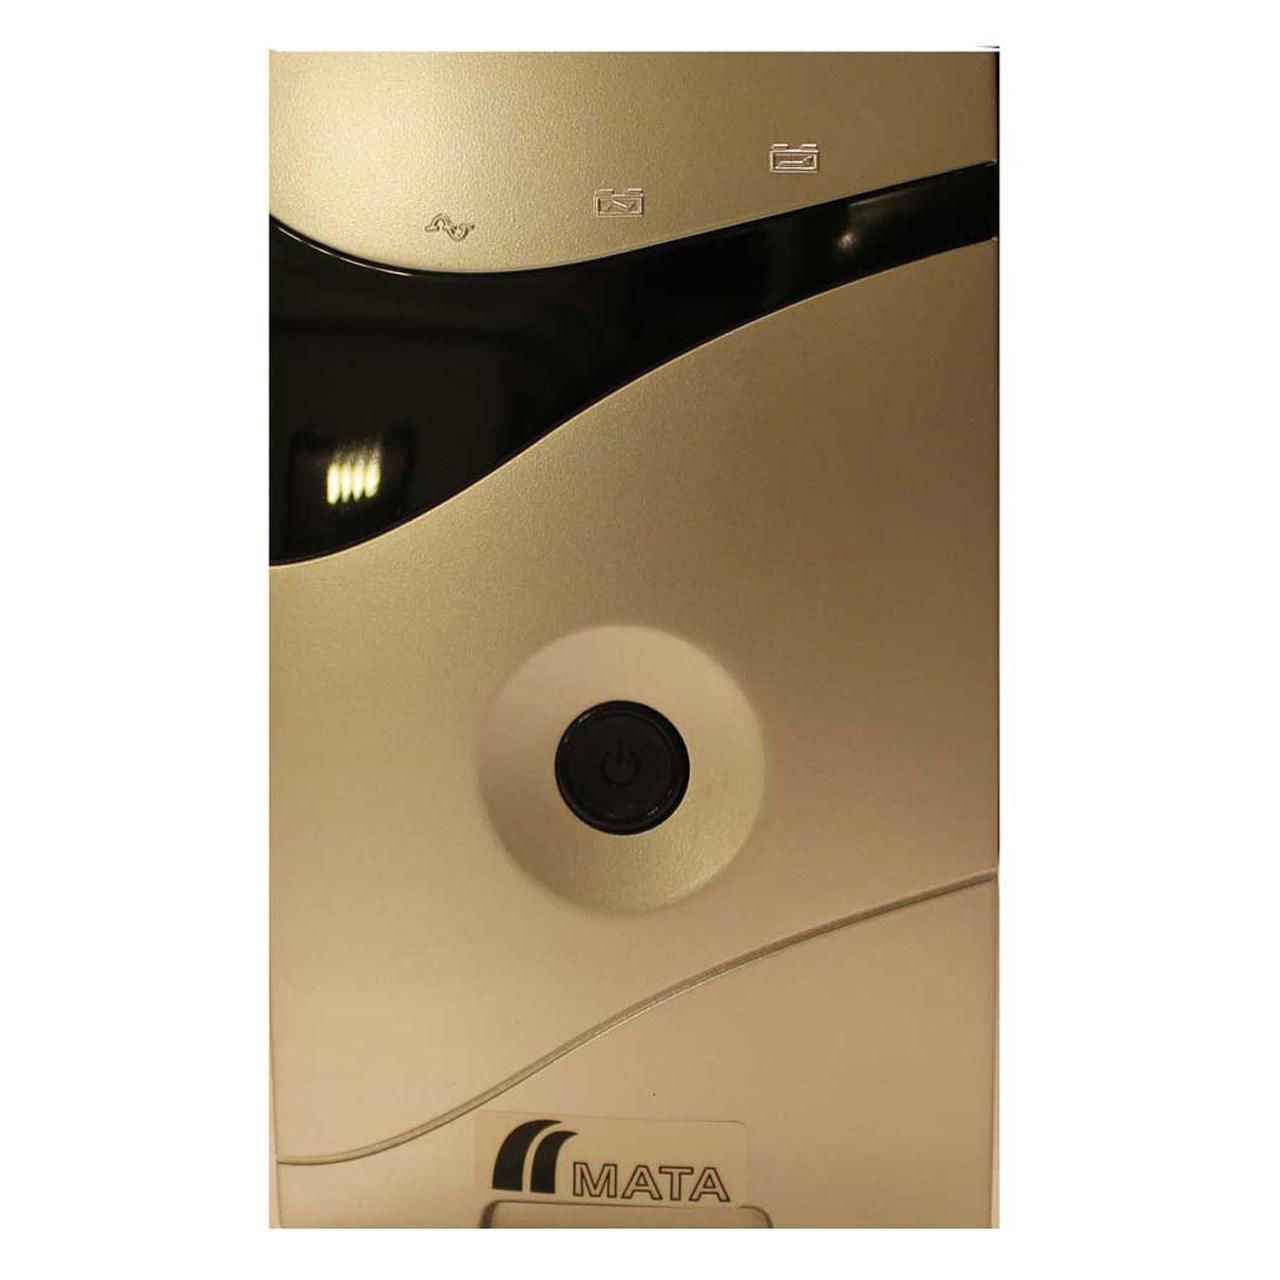 یو پی اس ماتا مدل PCF- 650 ظرفیت 650VA باتری داخلی | MATA PCF-650 UPS 650VA Internal Battery